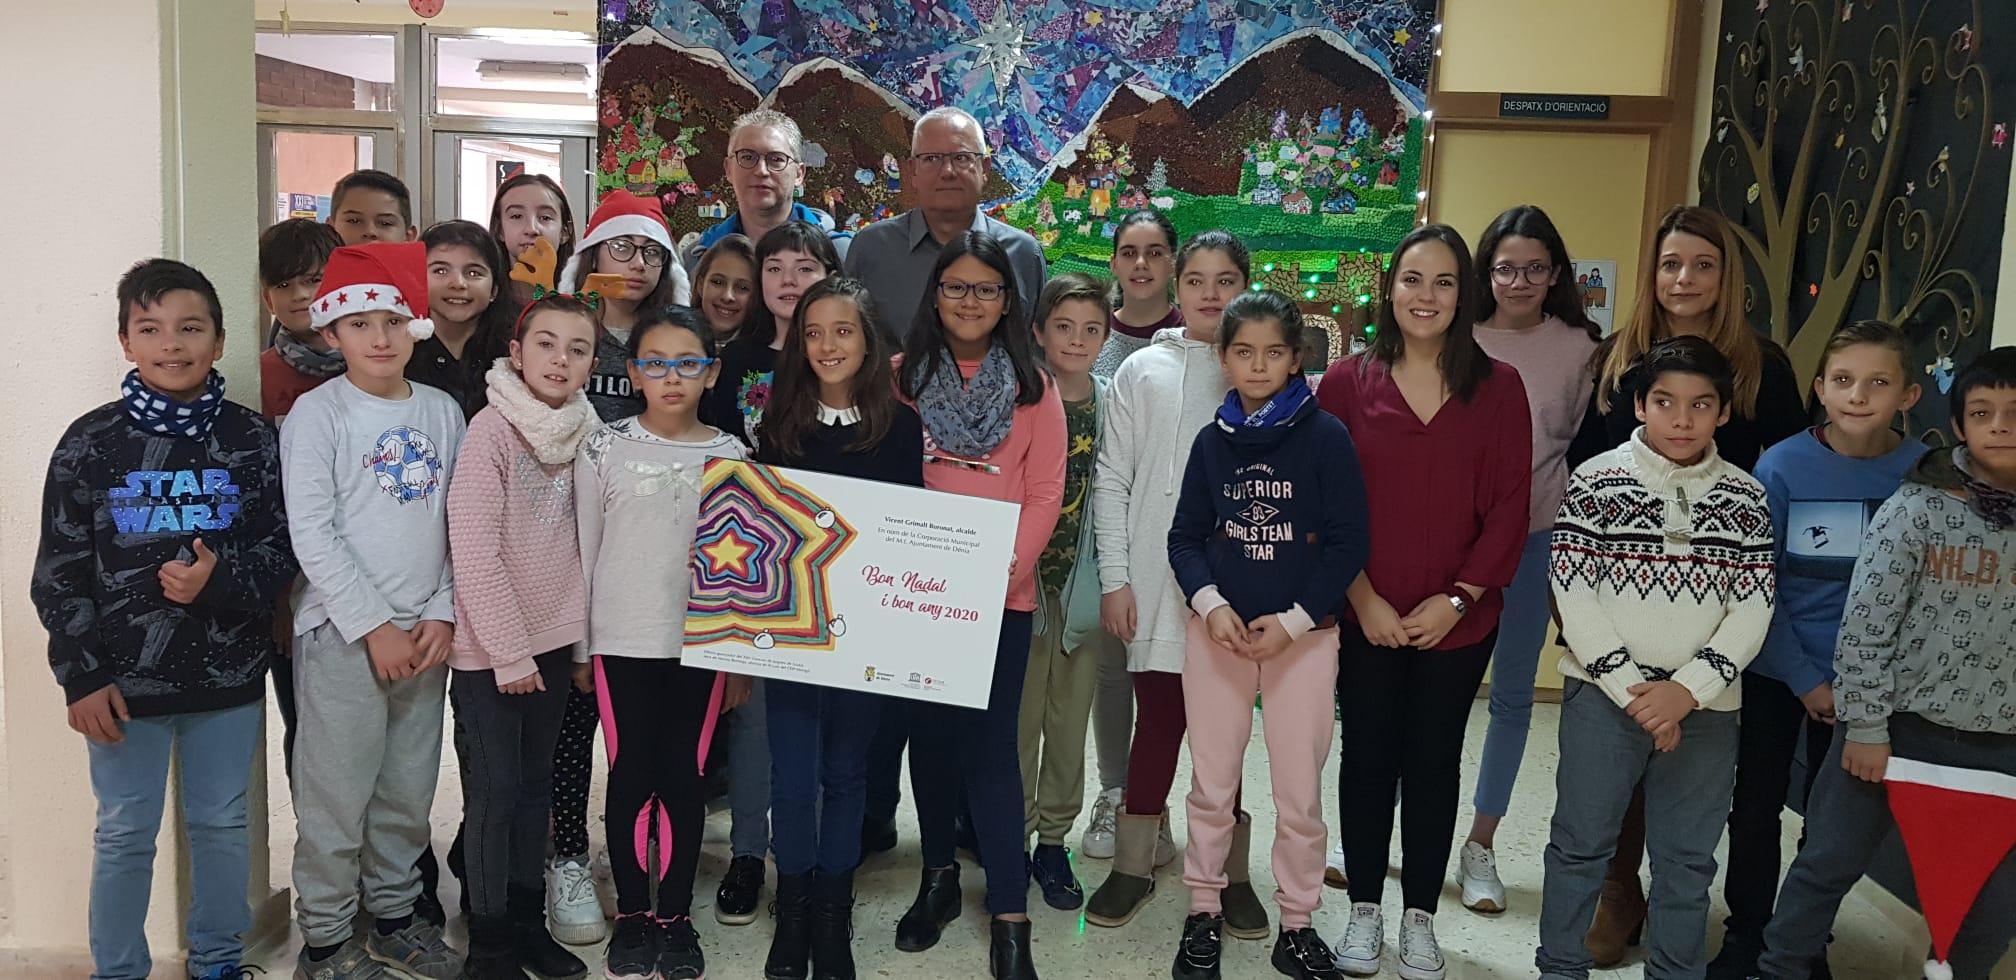 Marina Bermejo junto a sus compañeros y la tarjeta ganadora